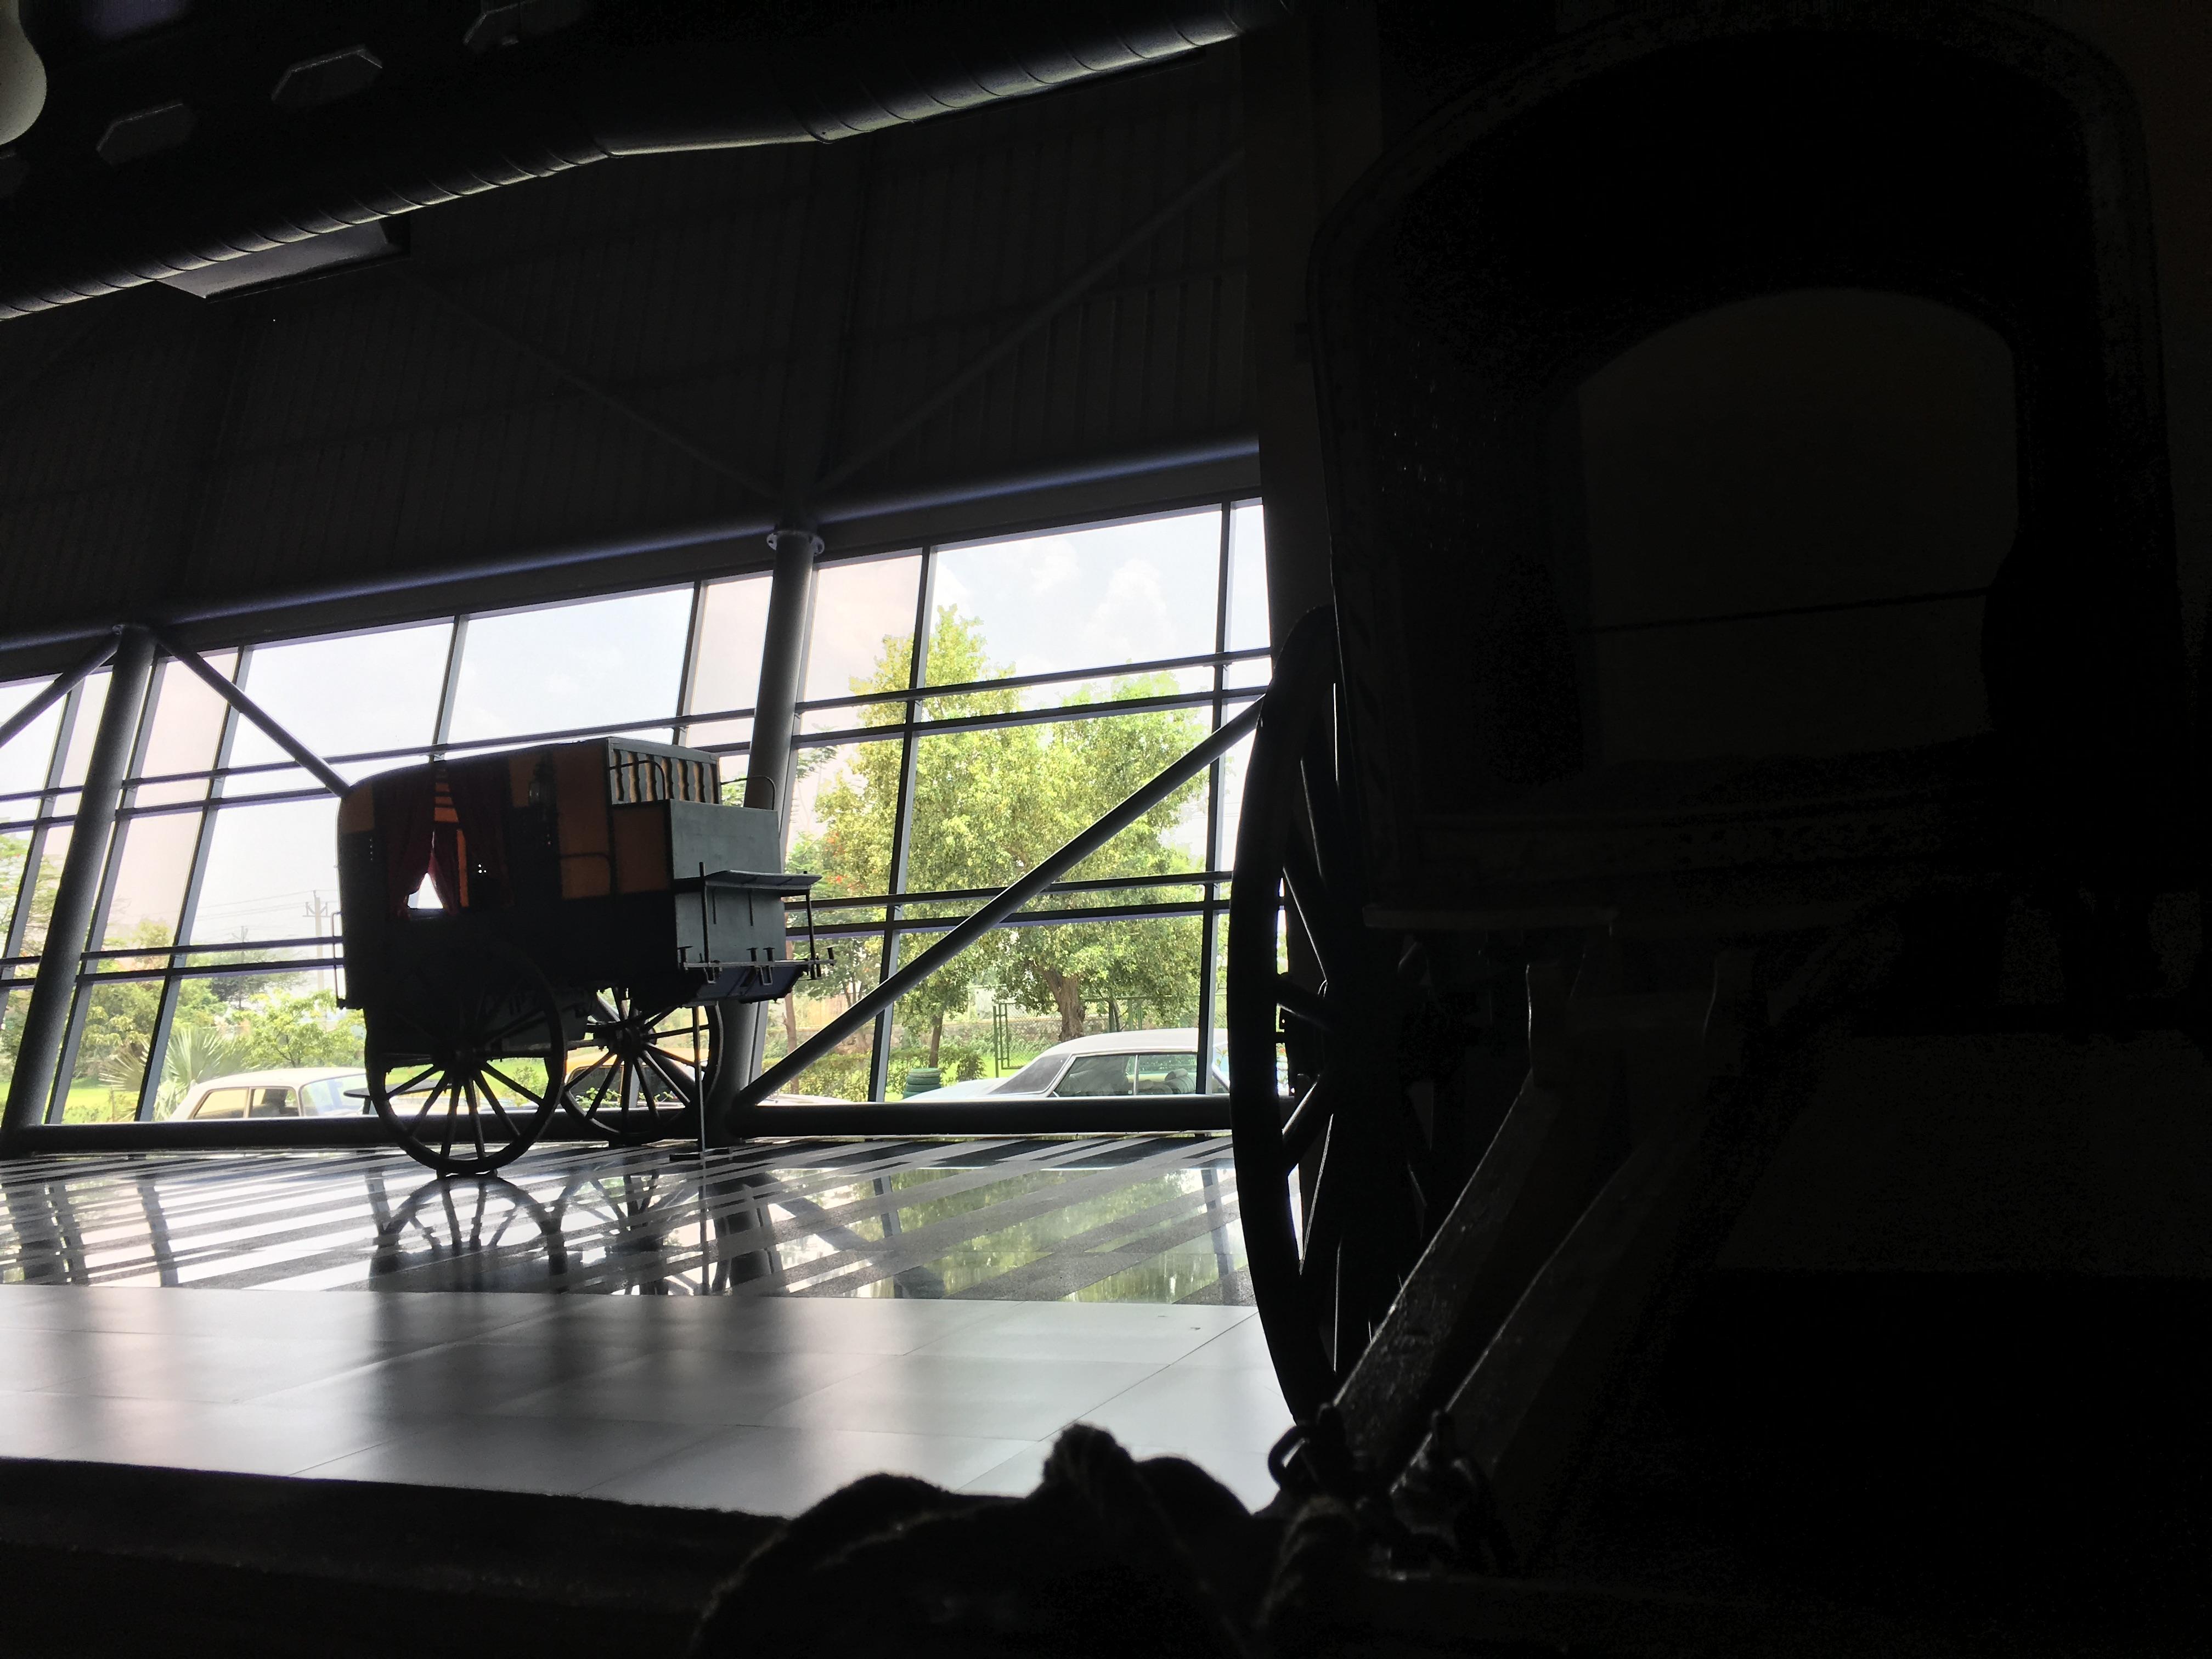 An archaic carriage